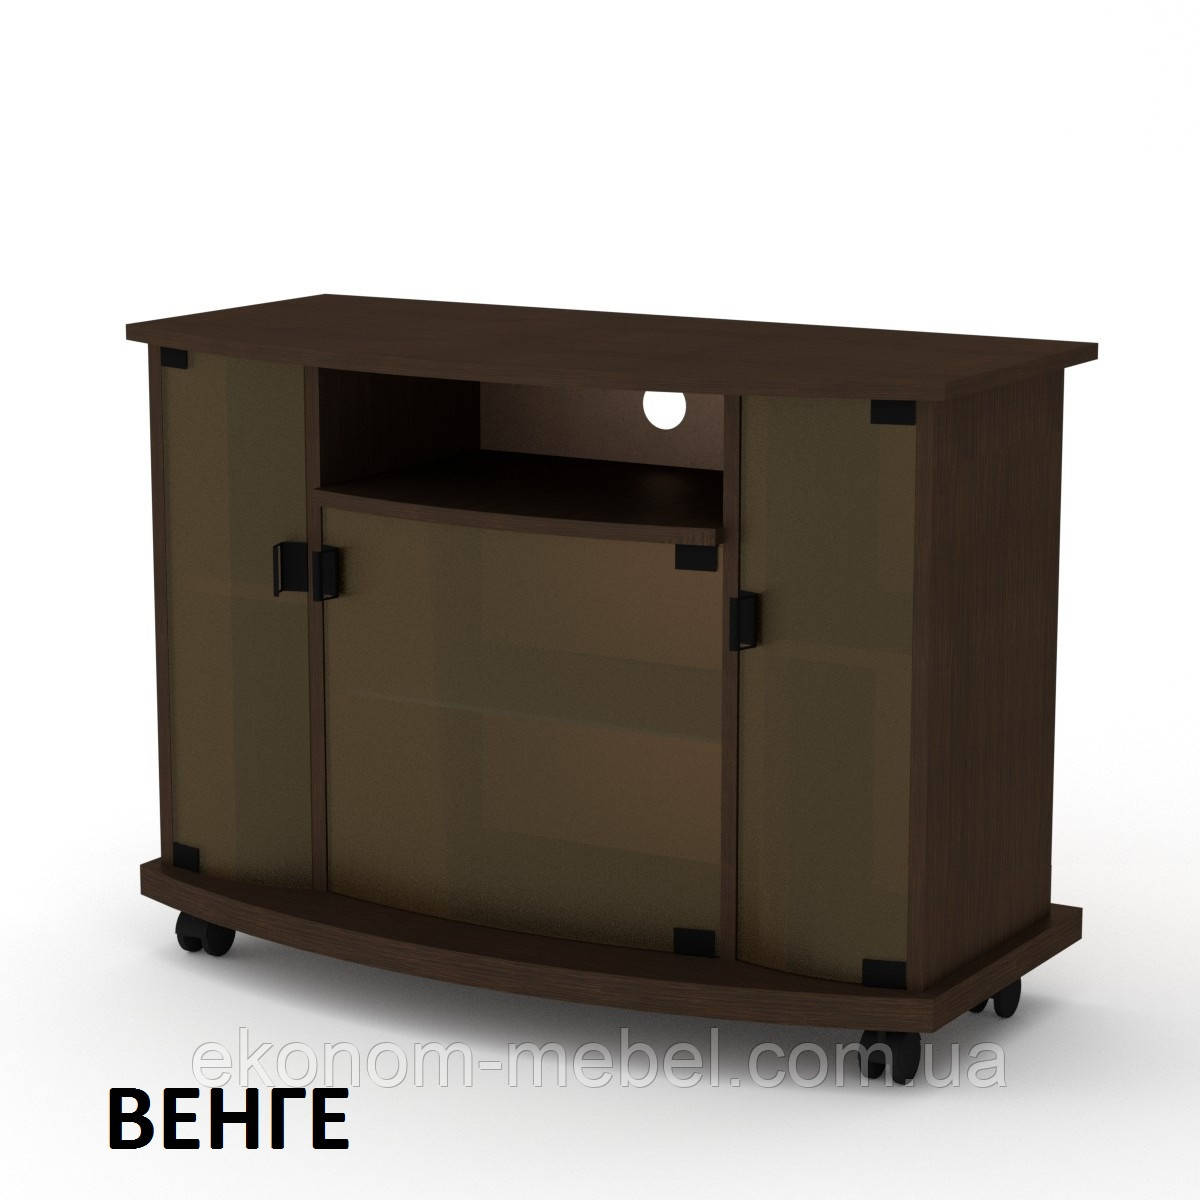 тумба под телевизор америка нью с полками под аппаратуру продажа цена в одессе тумбы и стойки под телевизор и аппаратуру от мебель эконом